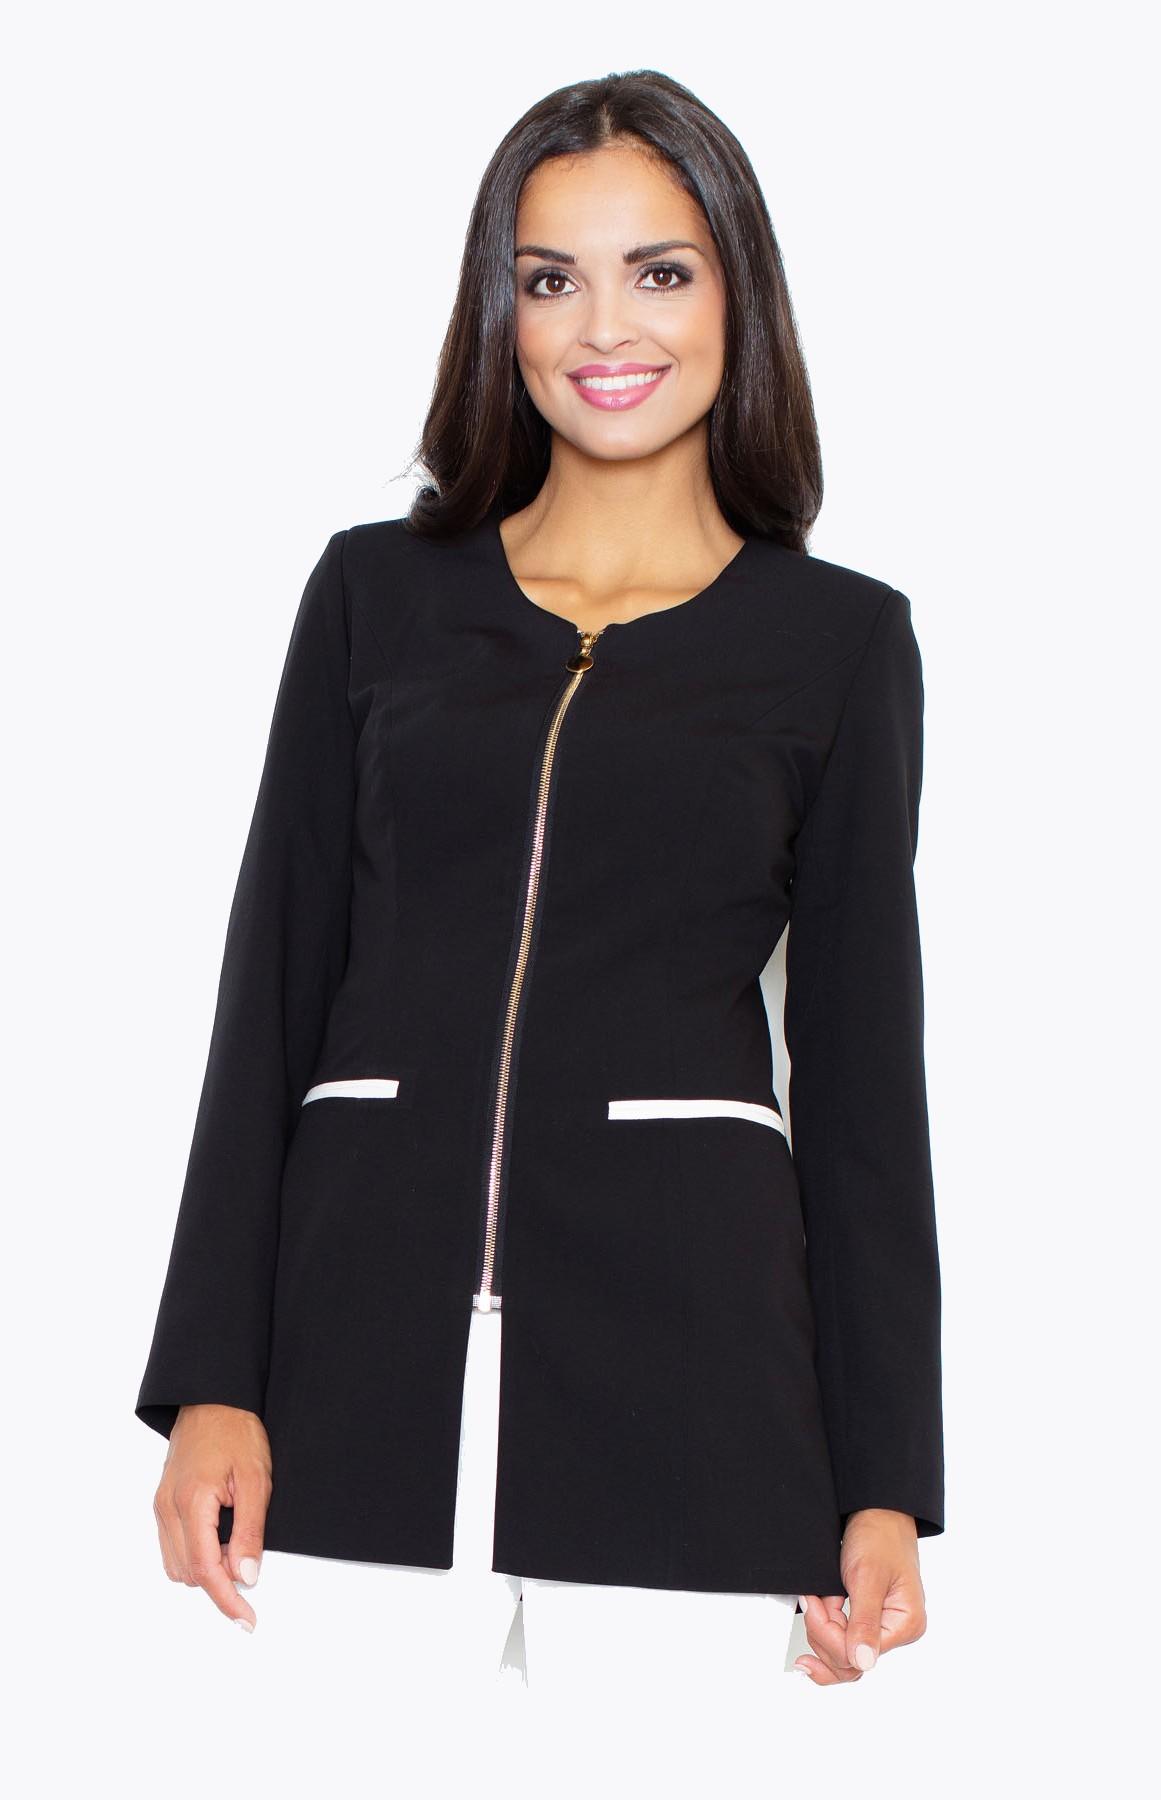 veste femme zipp e noire flm409n idresstocode boutique de d shabill s et nuisettes robes et. Black Bedroom Furniture Sets. Home Design Ideas